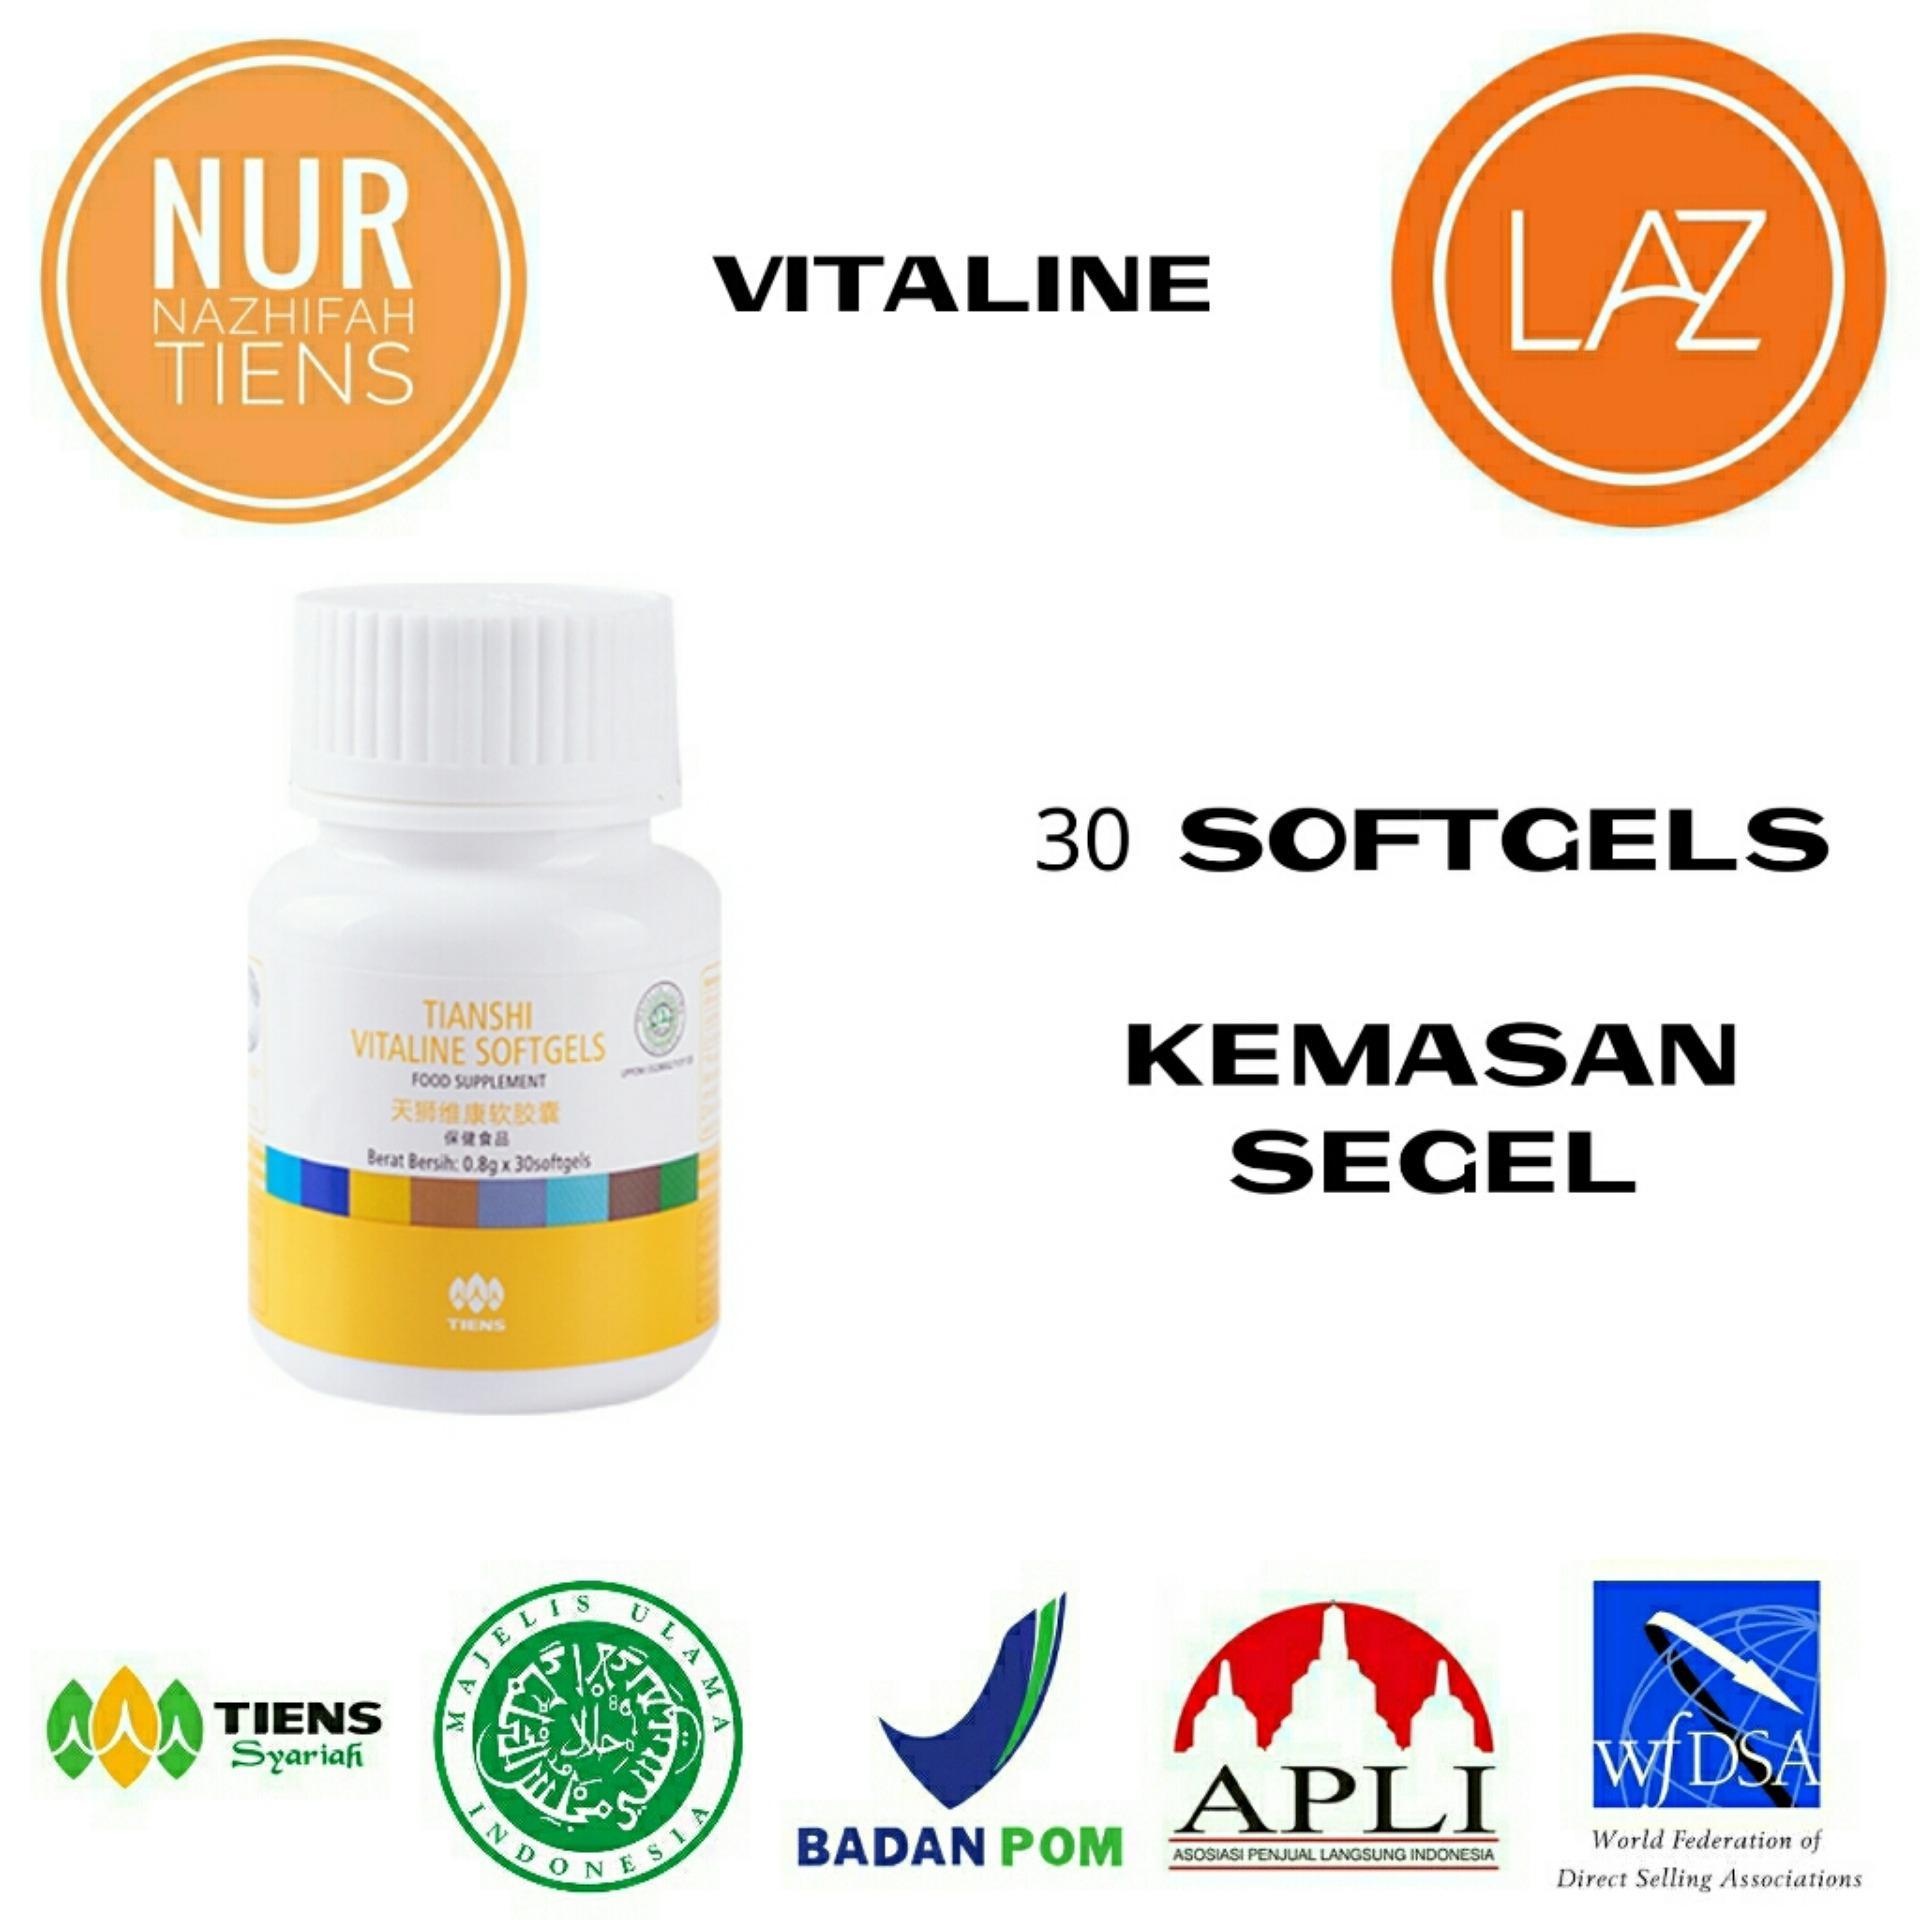 NN Tiens Vitaline Serum Pemutih Wajah & Nutrisi Pemutih Kulit Seluruh Tubuh Herbal Alami - Promo 30 Softgels